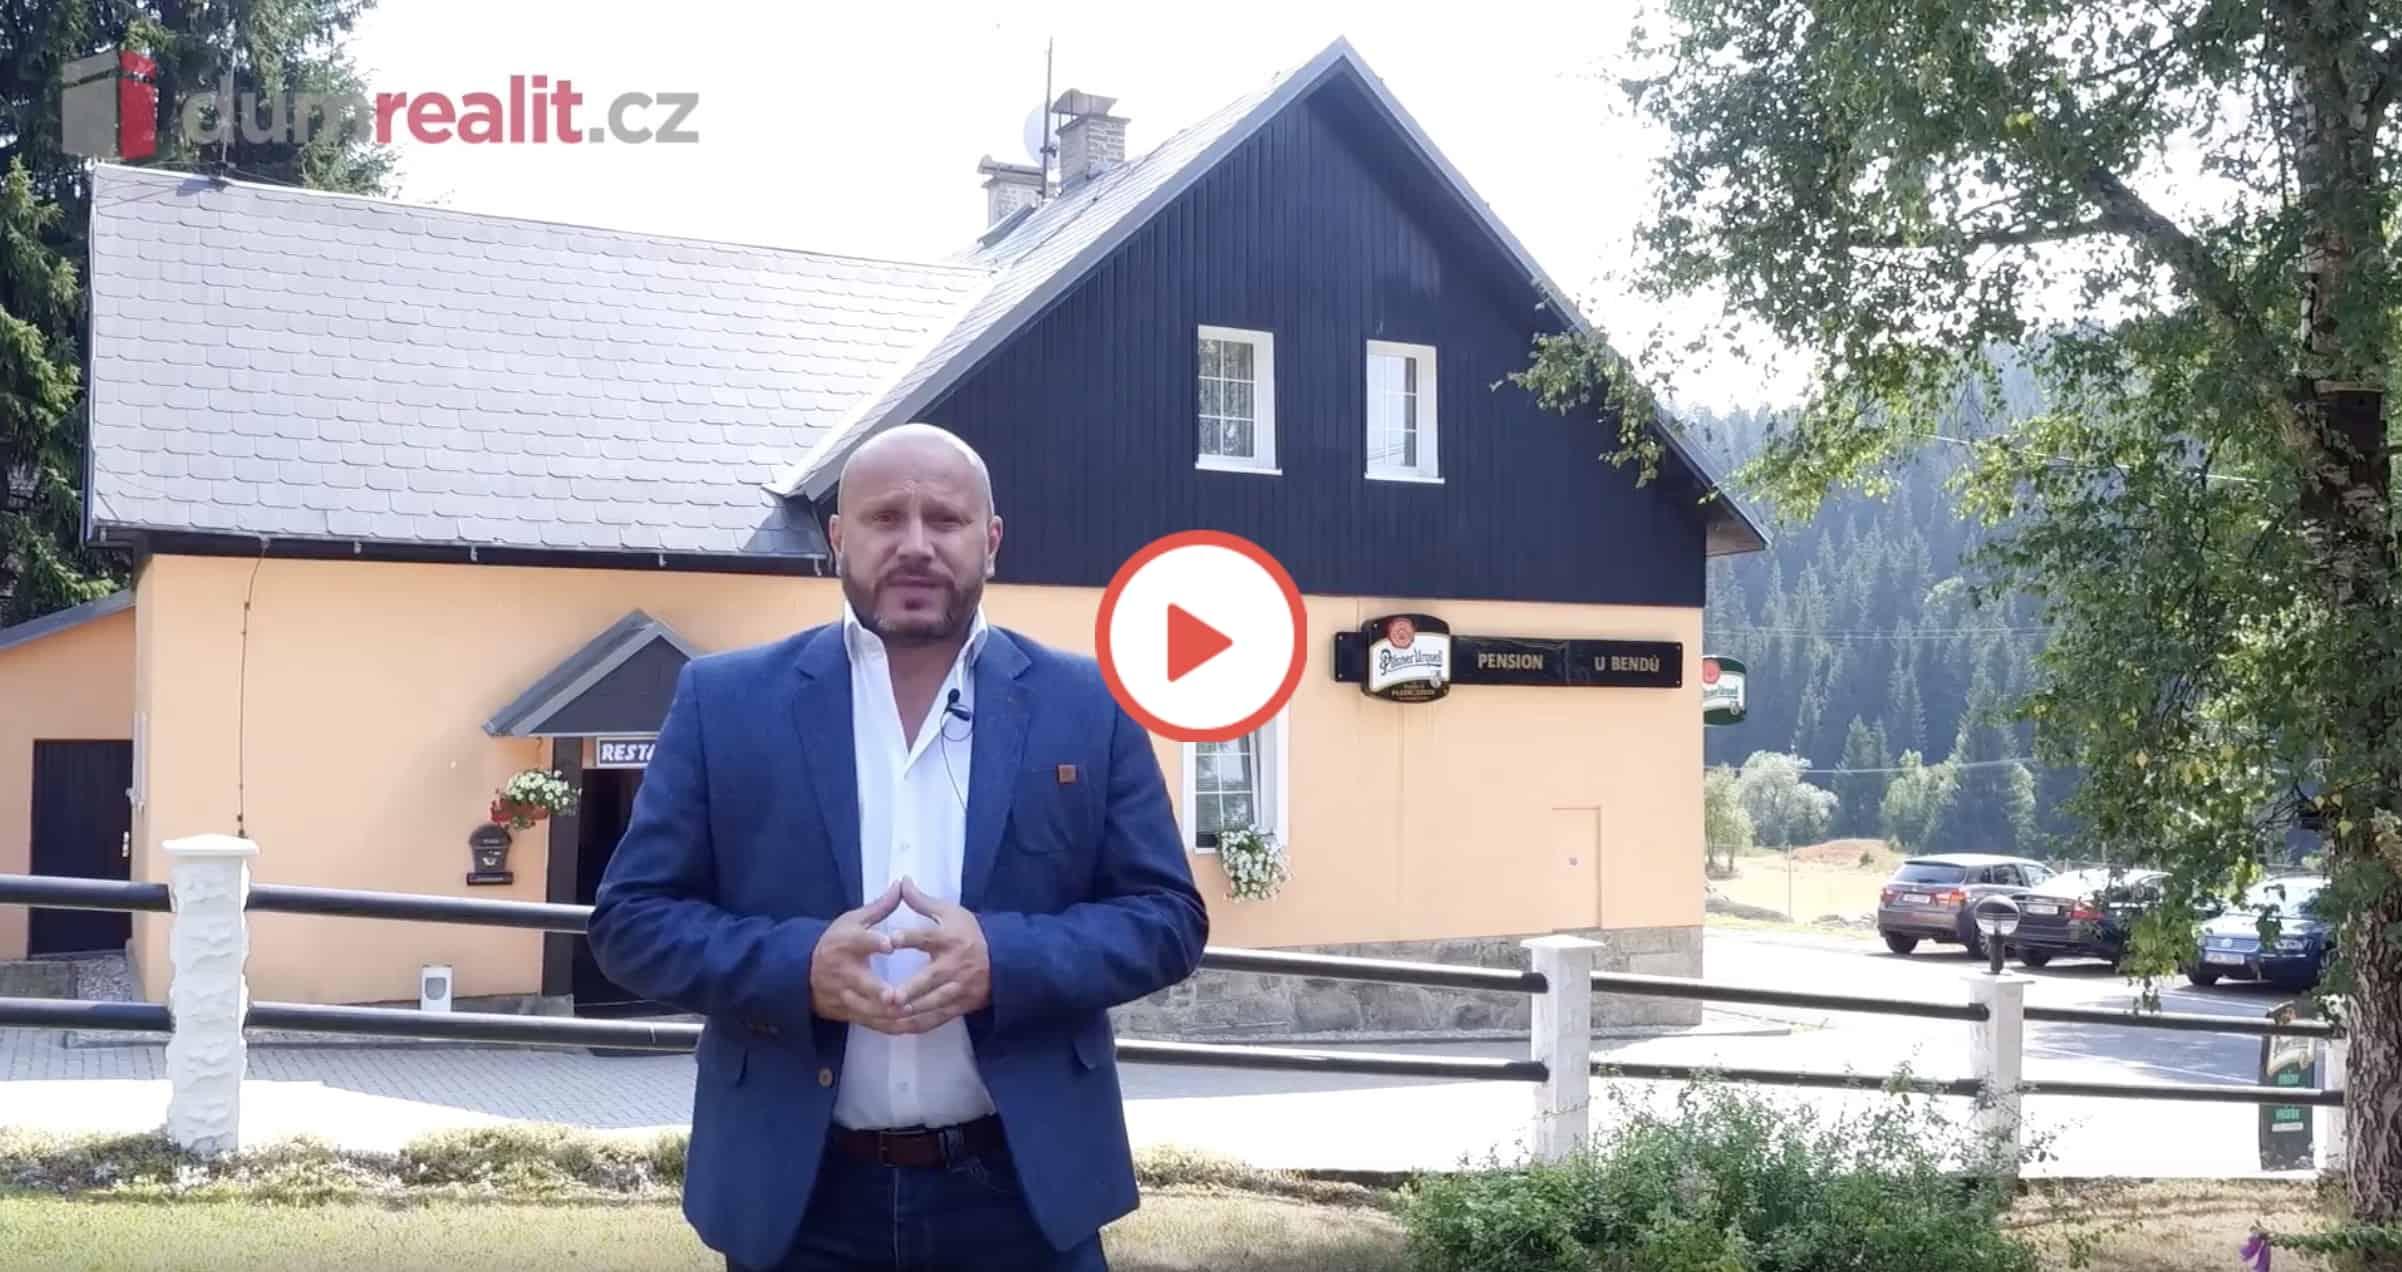 Roman Machník, realitní makléř, odkaz na video Penzion Pernink